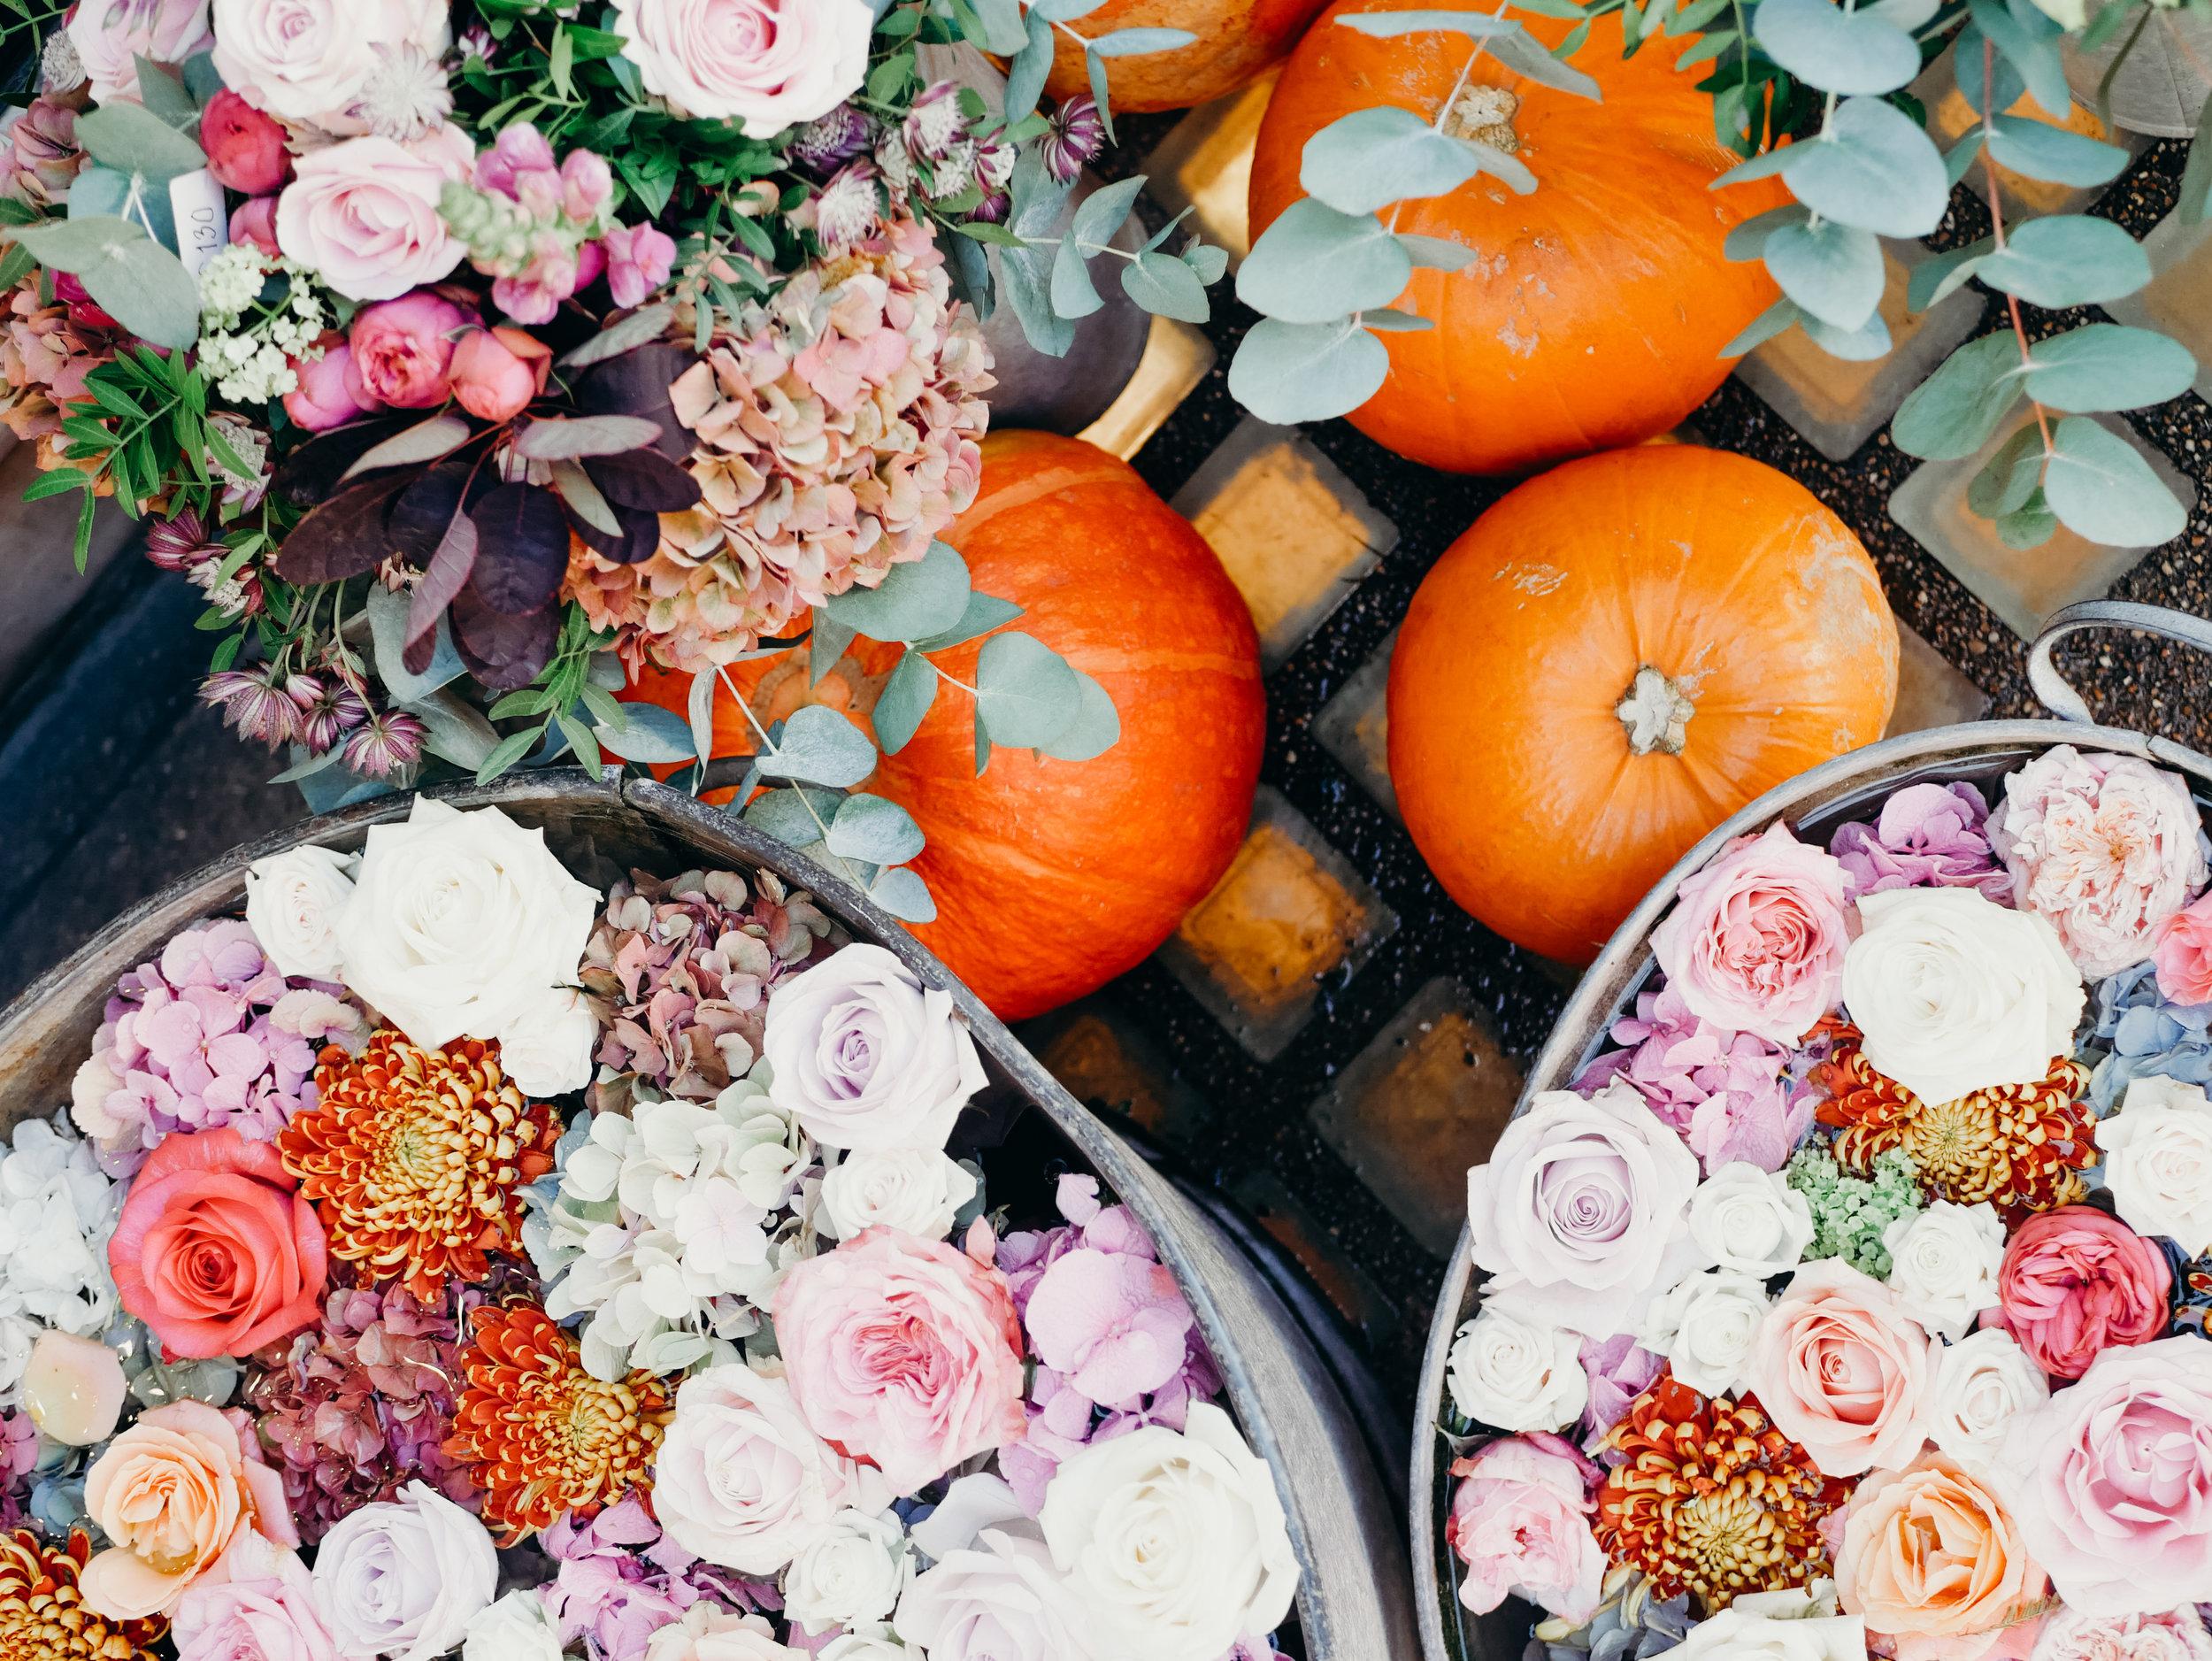 Wild Things Flowers